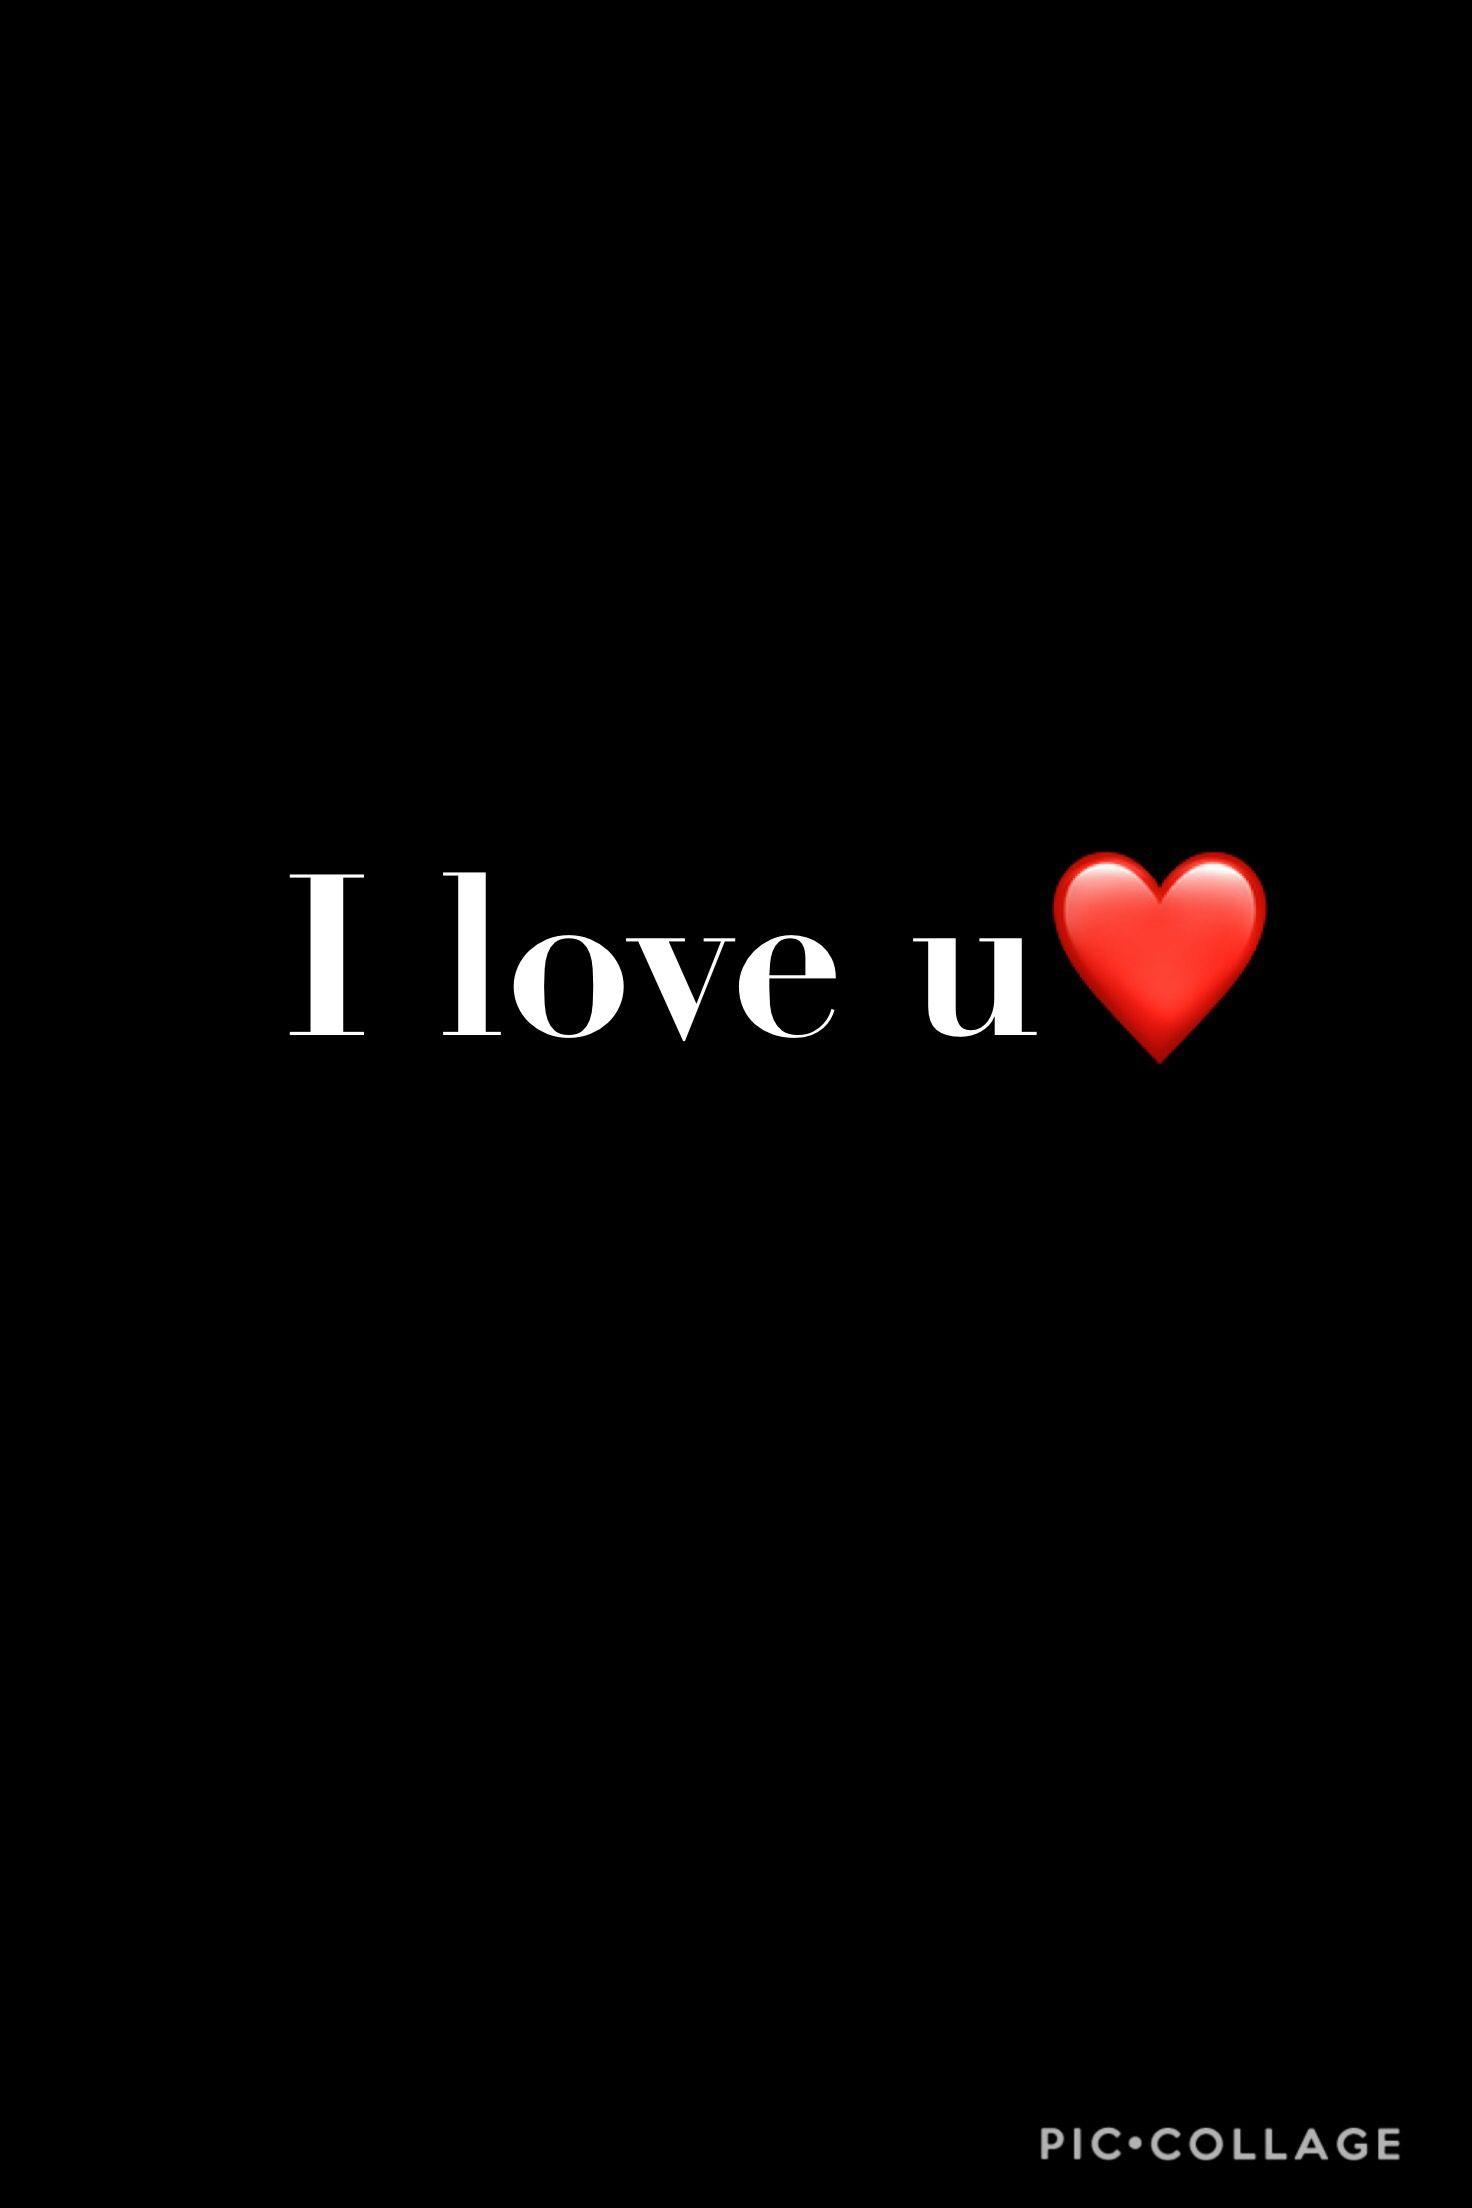 Pin On Love U 4life